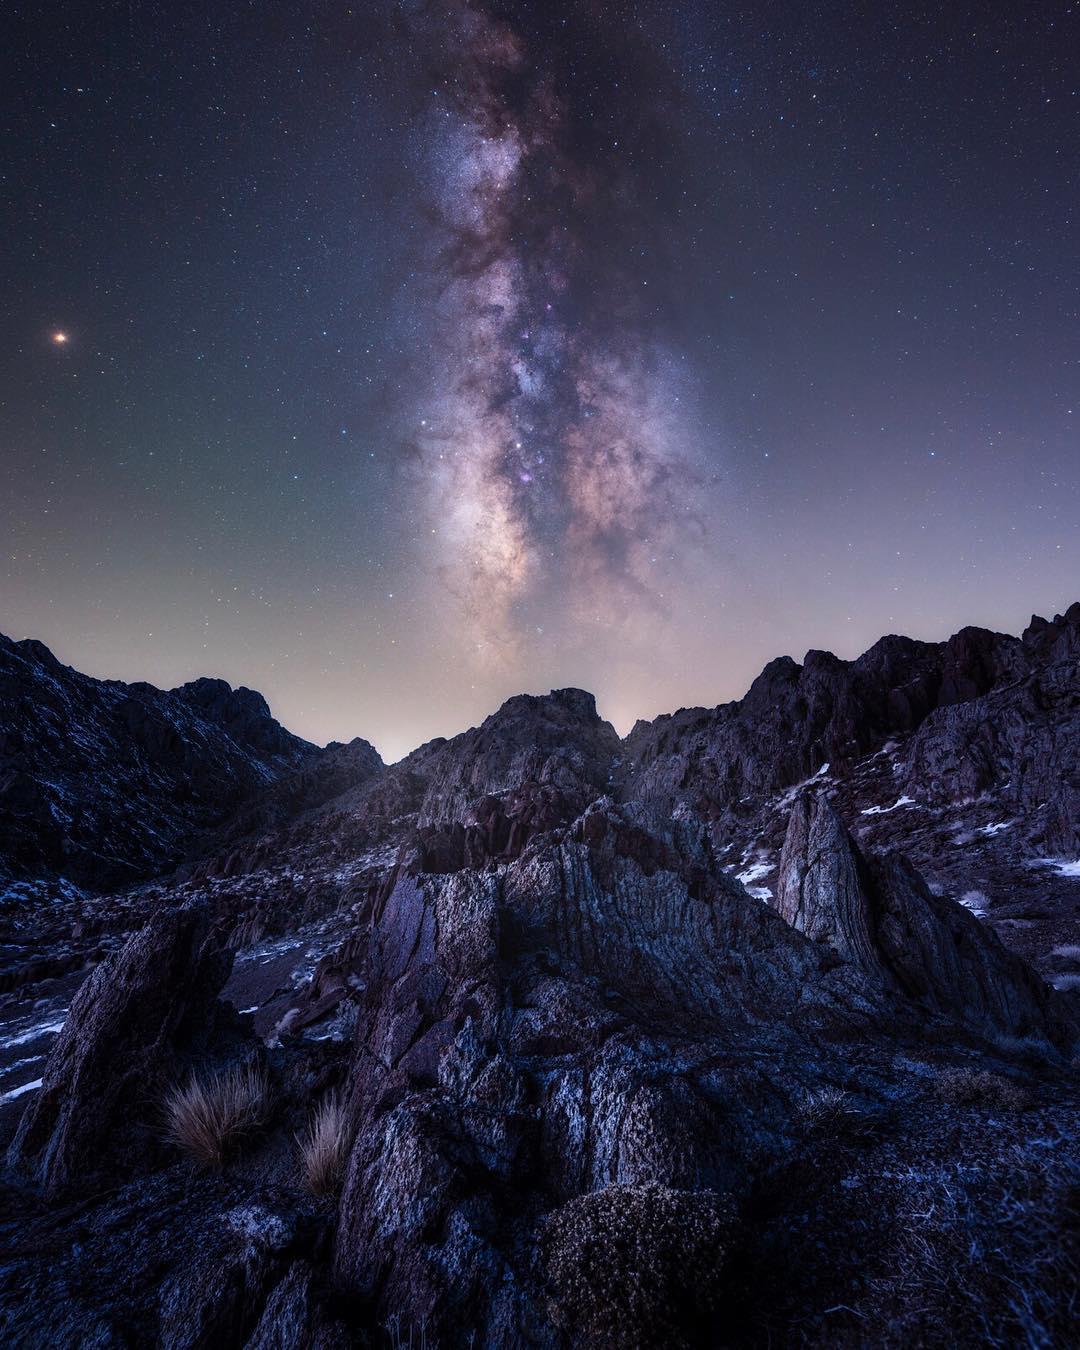 Пейзажи и ночное небо на снимках Дилана Найта